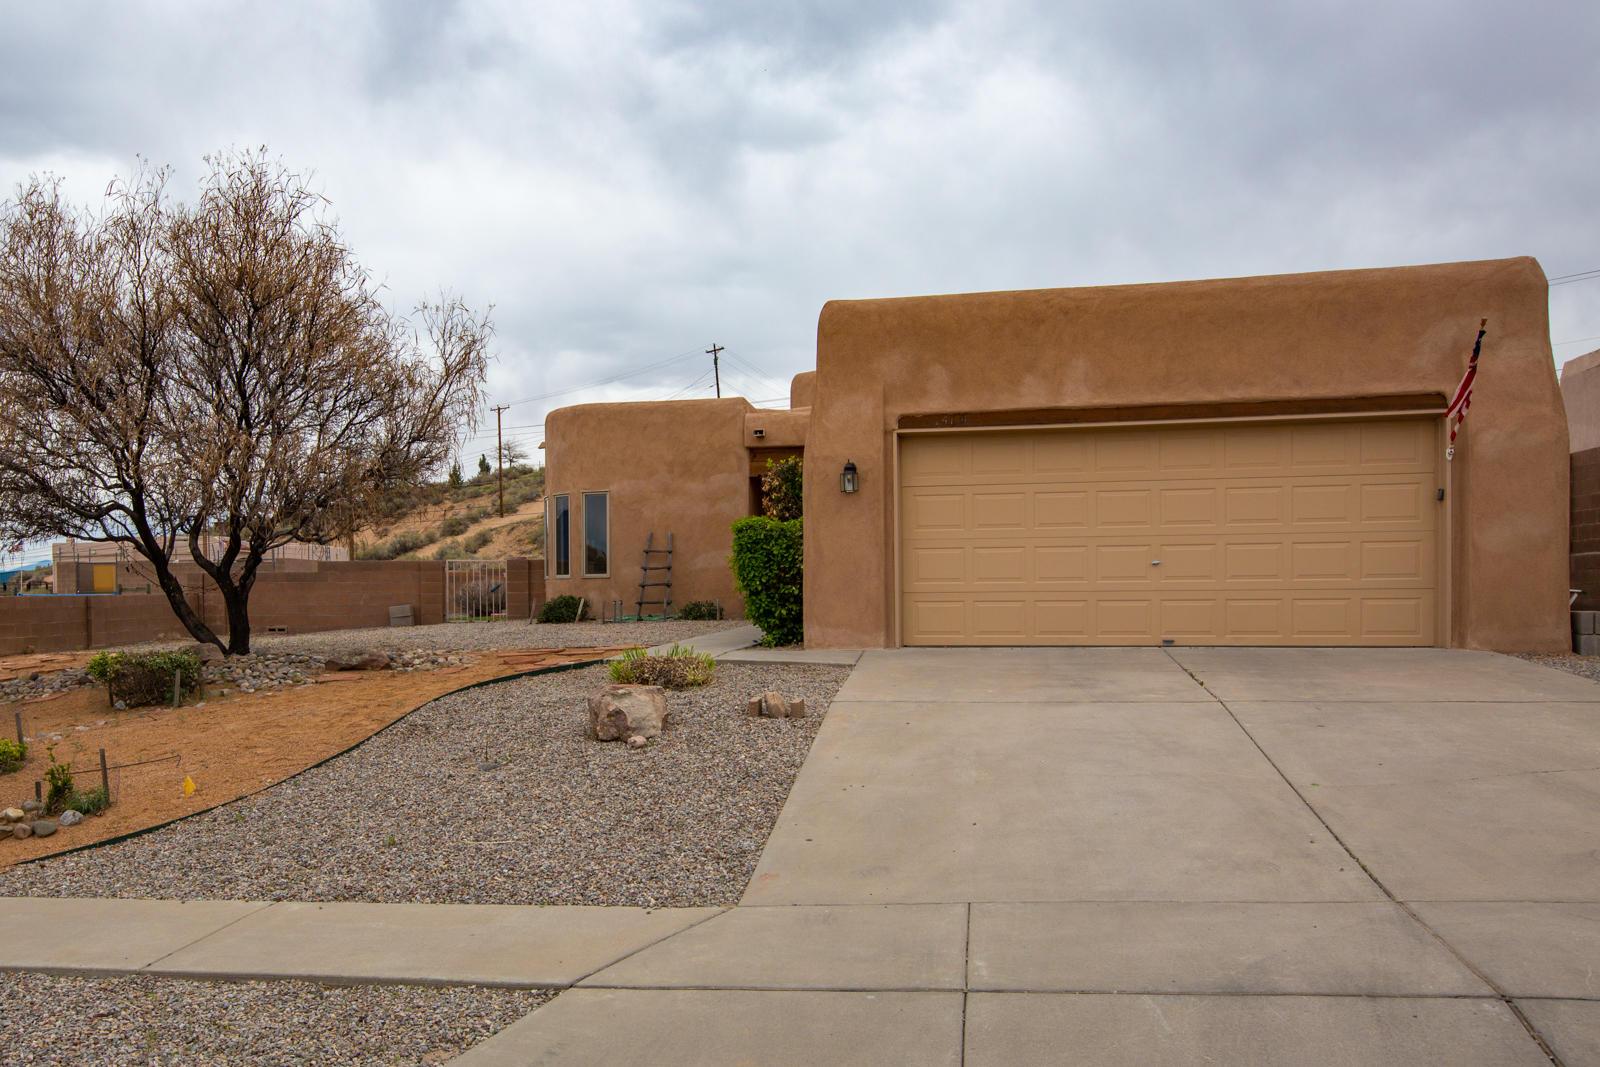 1469 WILKES Way, Rio Rancho NM 87124